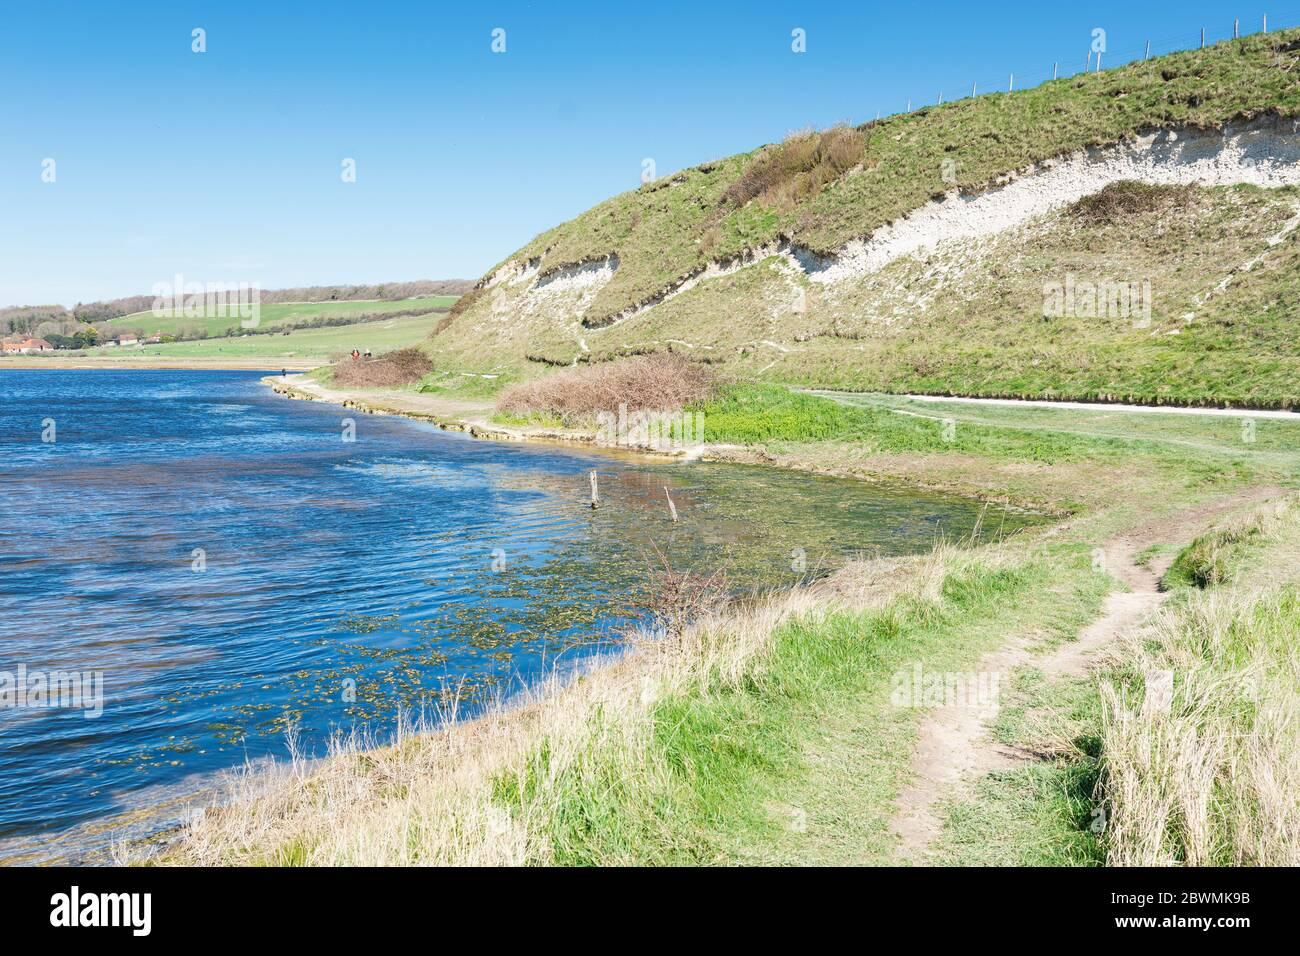 Vue sur la rivière Cucmere près de Seaford et Eastbourne, East Sussex, sentier menant à la plage de Cuckmere Haven, point de mire sélectif Banque D'Images